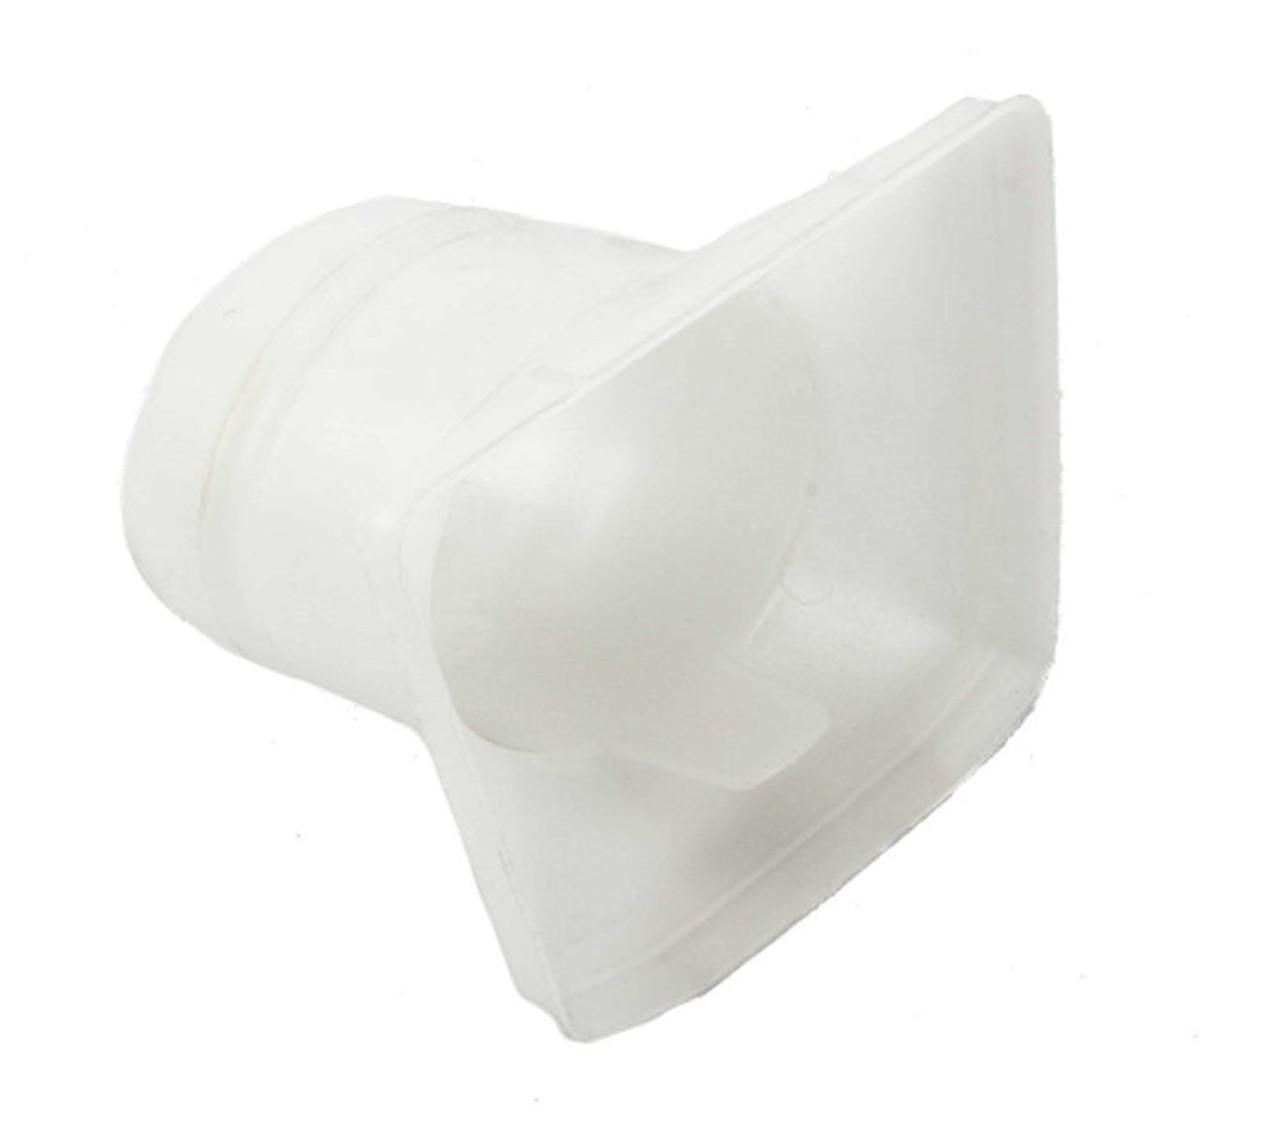 Hoover PortaPower Type N Vacuum Cleaner Paper Bag Adapter